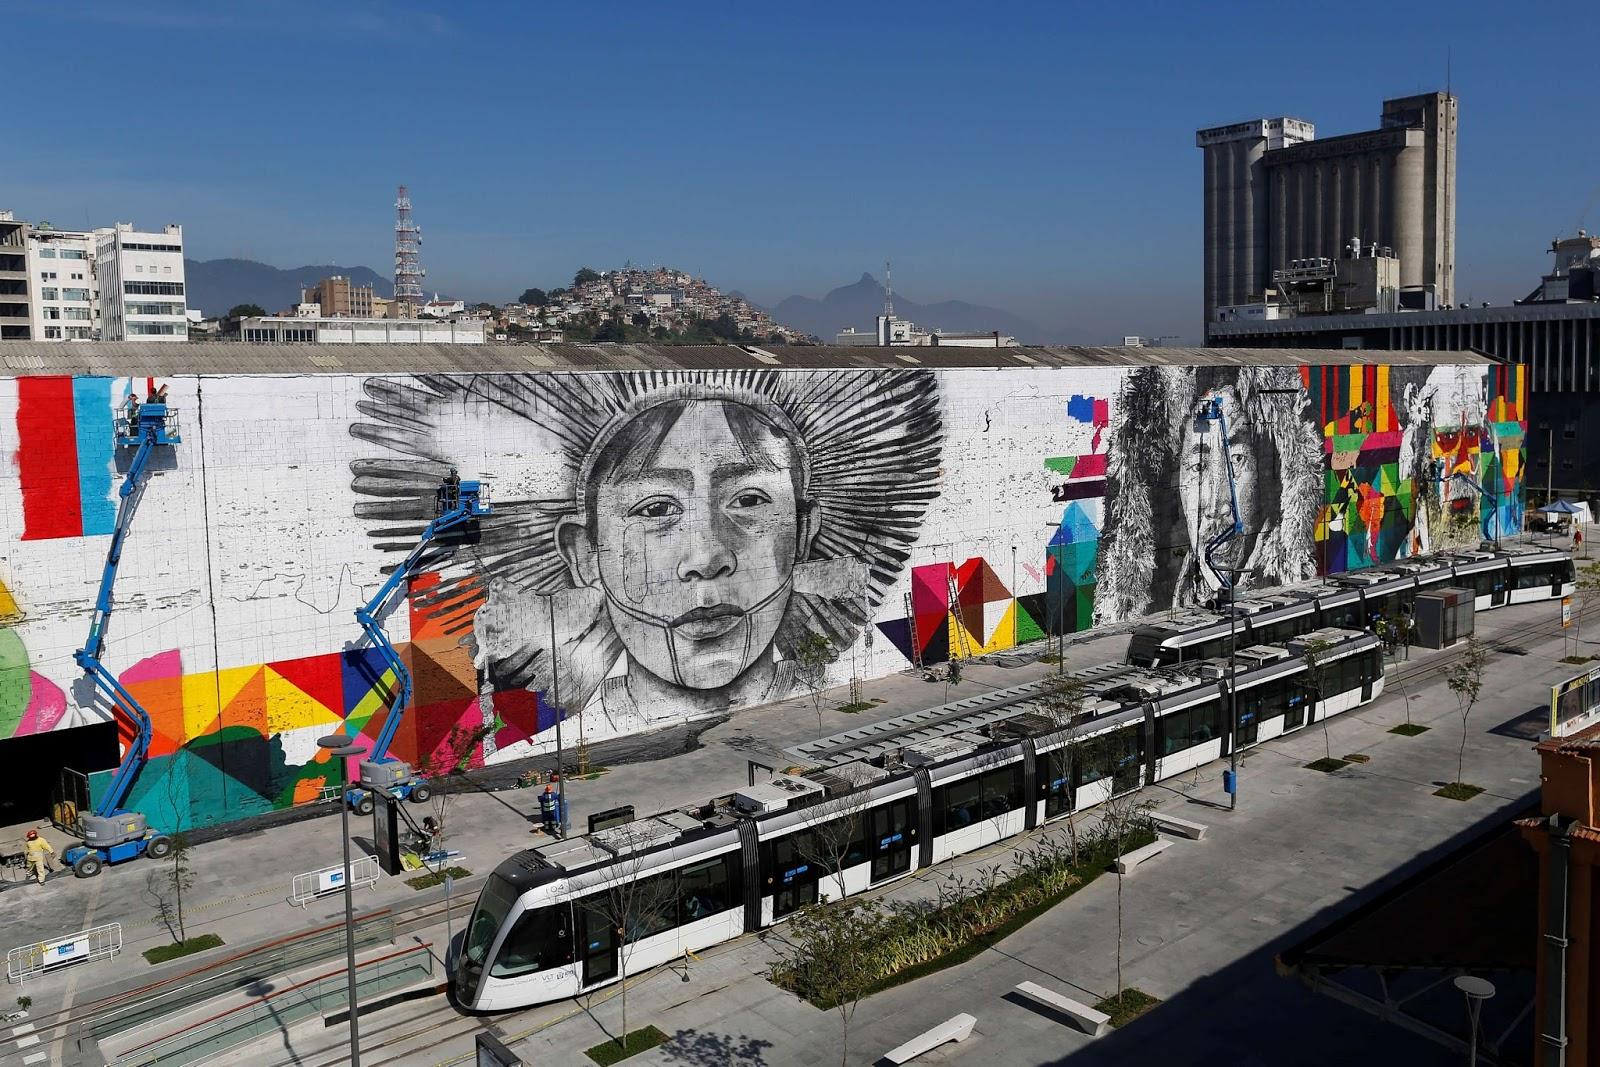 murales-più-grande-mondo-eduardo-kobra-las-etnias-rio-de-janeiro-09